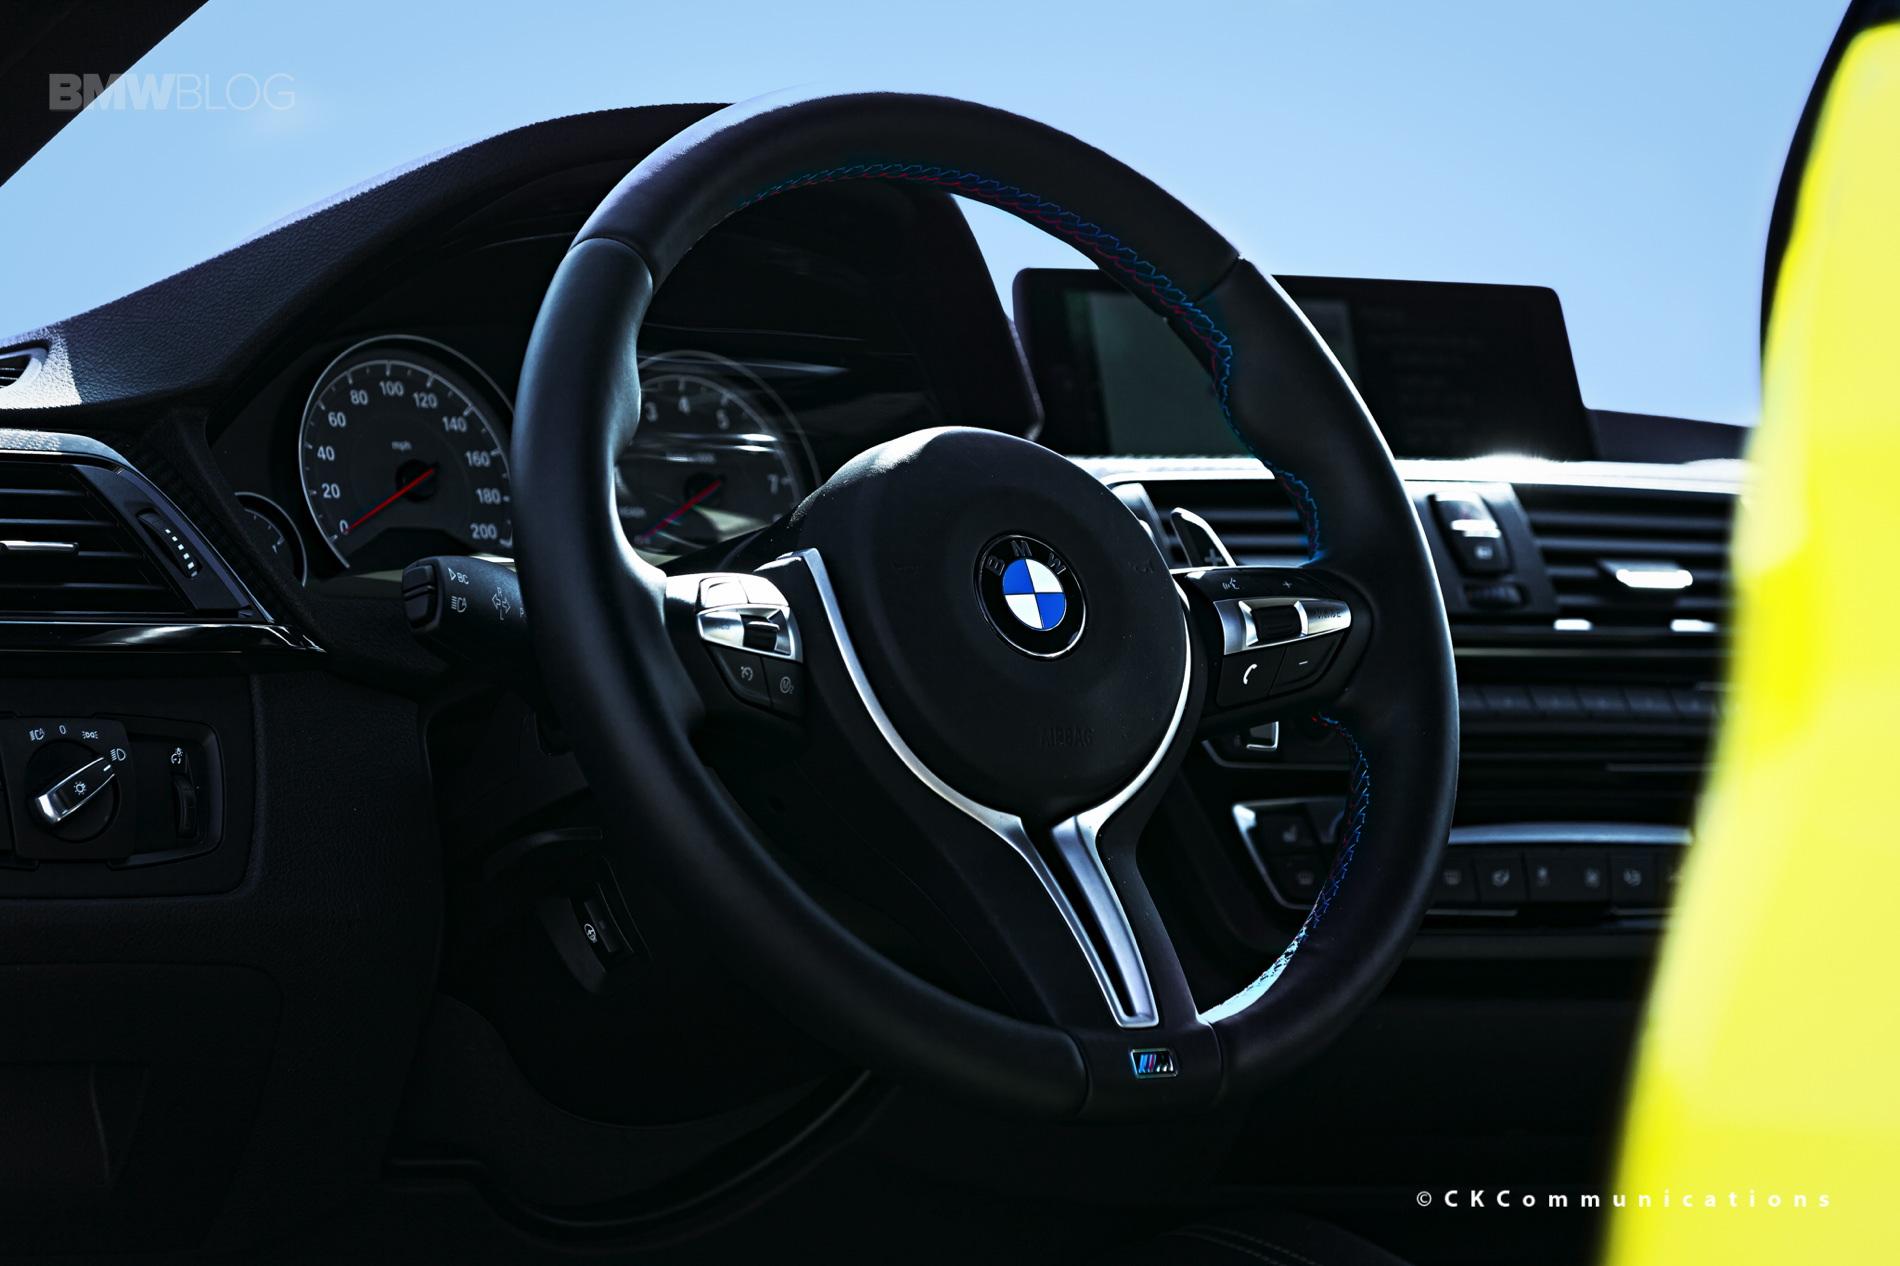 5 Best Bmw Steering Wheels